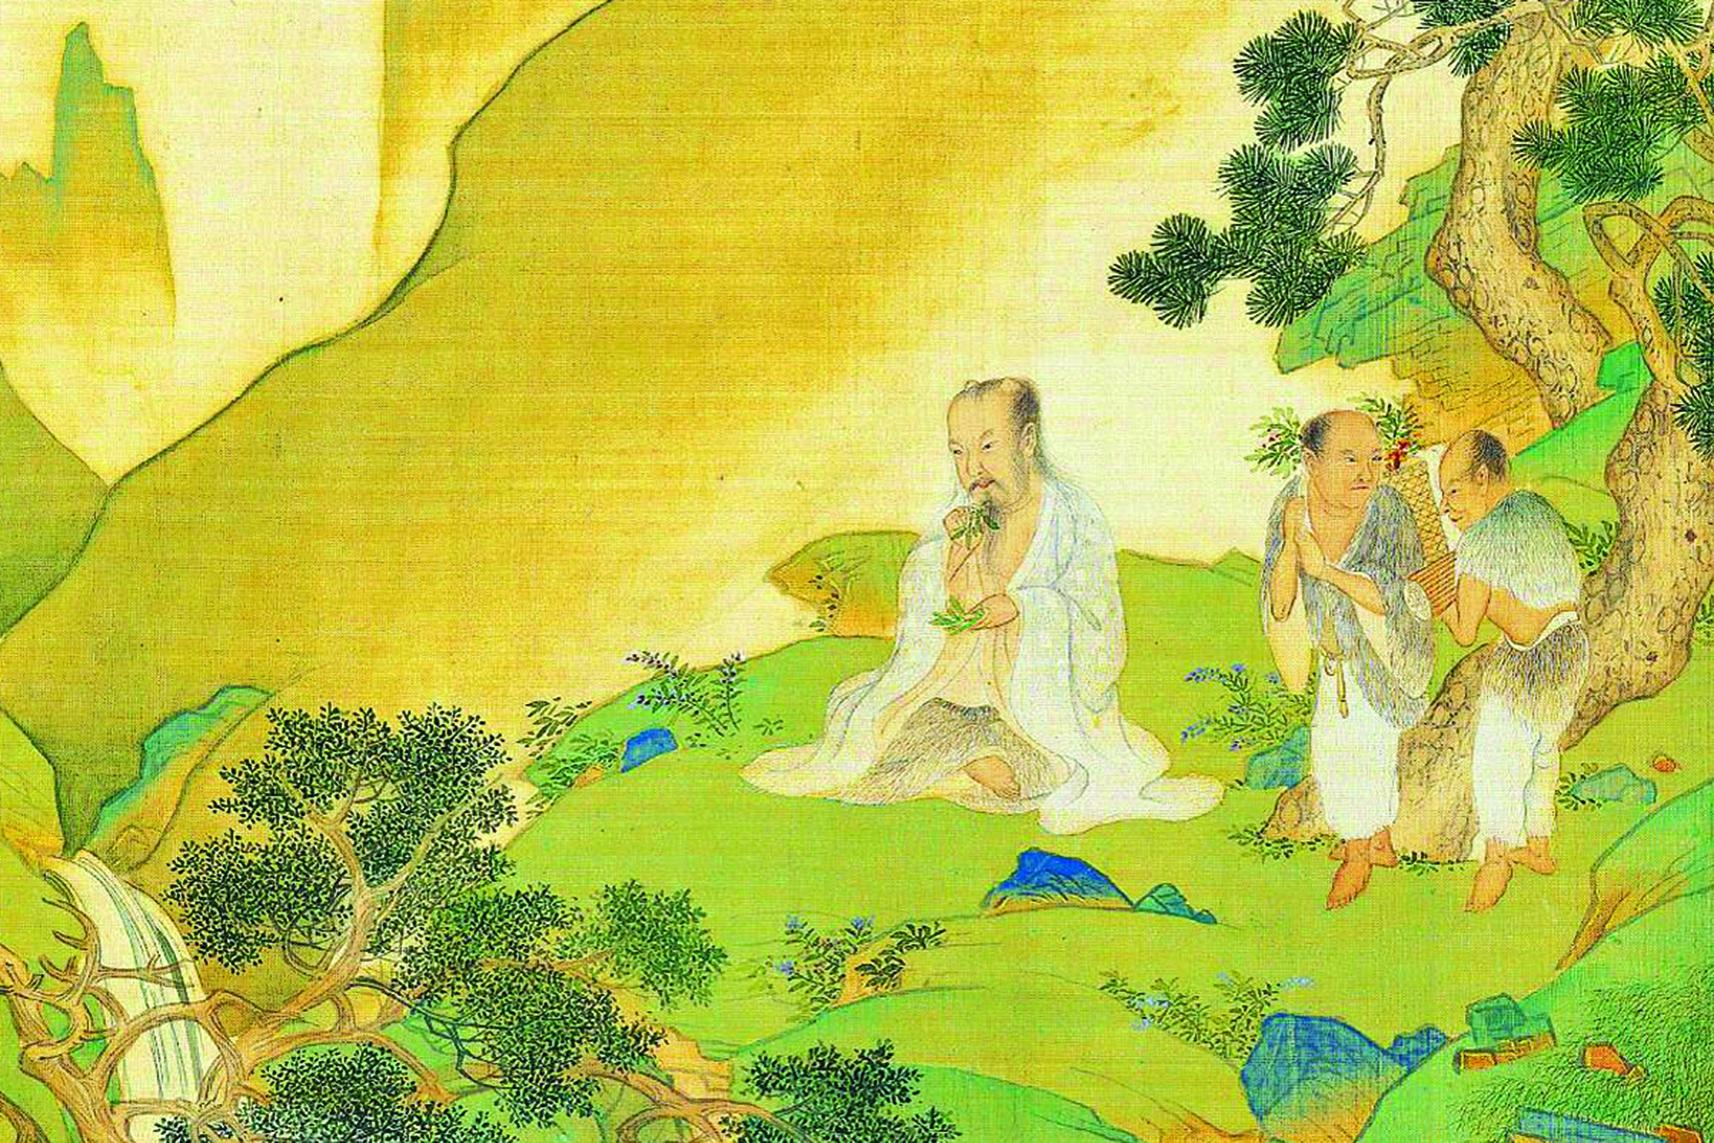 中醫最早起源於神農嚐百草。神農即「炎帝」。圖為神農氏像,出自明仇英《帝王道統萬年圖》。(公有領域)